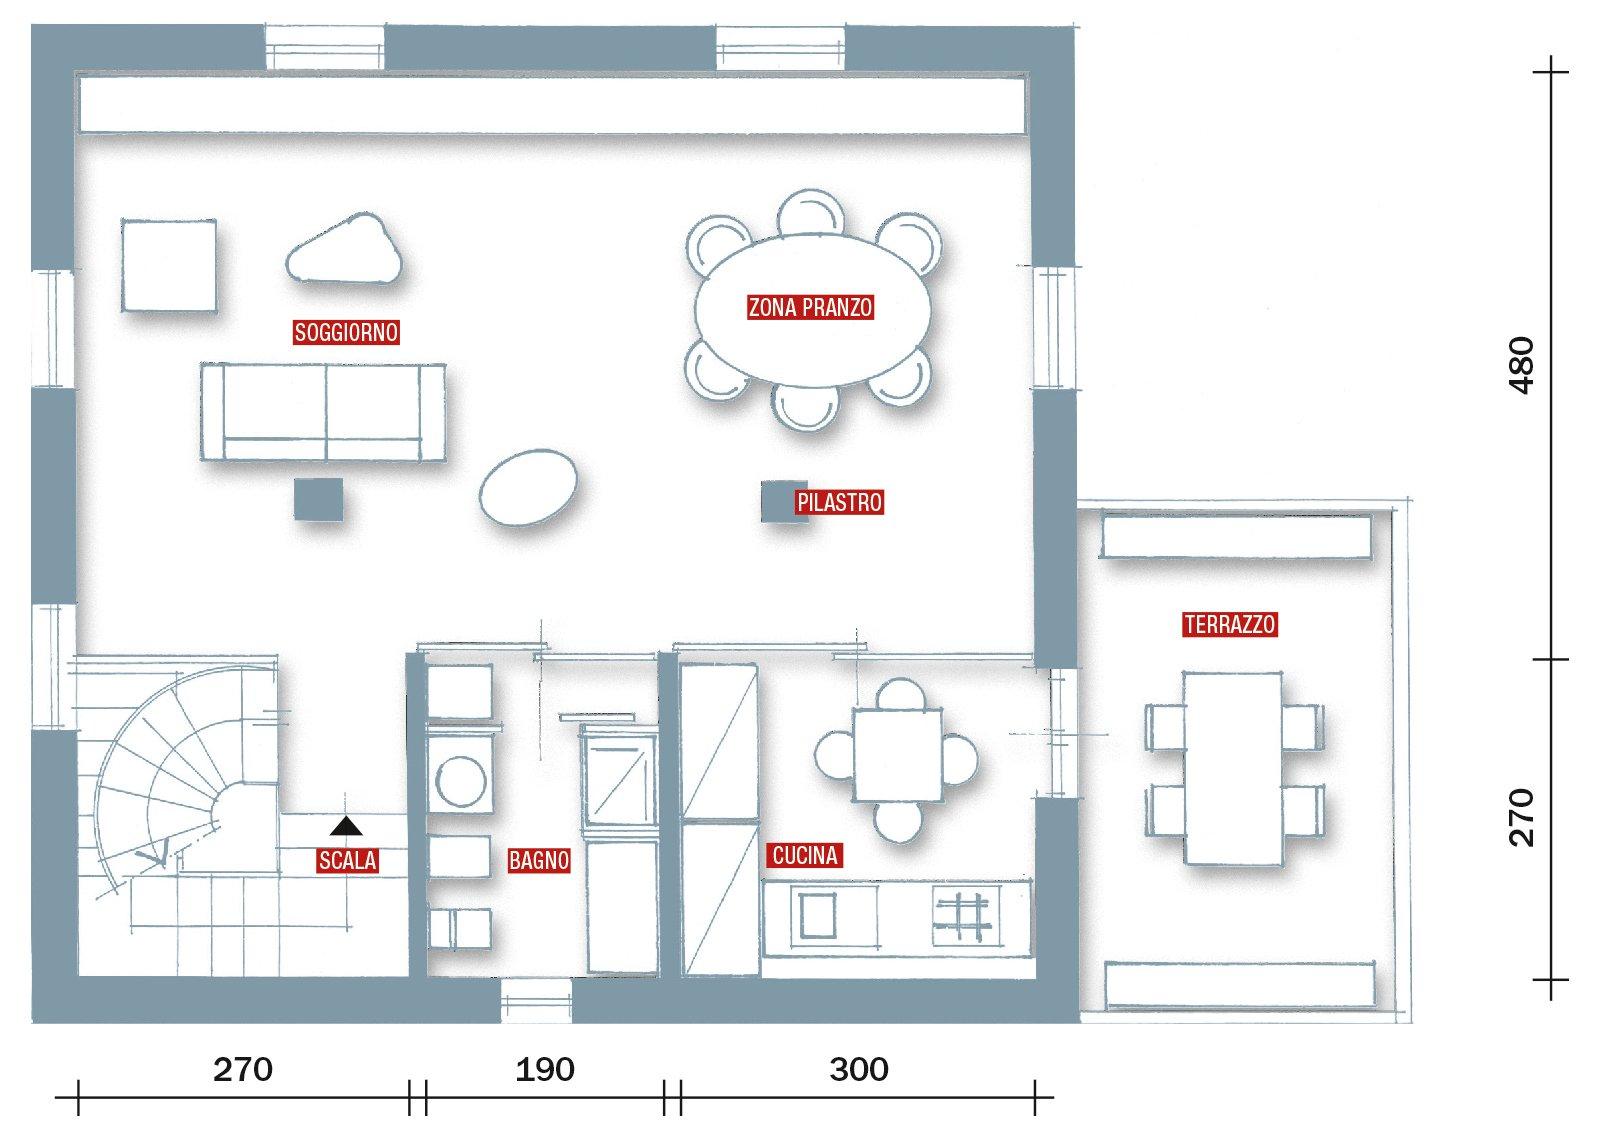 Casa soluzioni hi tech per interni anni 39 30 cose di casa for Come progettare una pianta del piano interrato